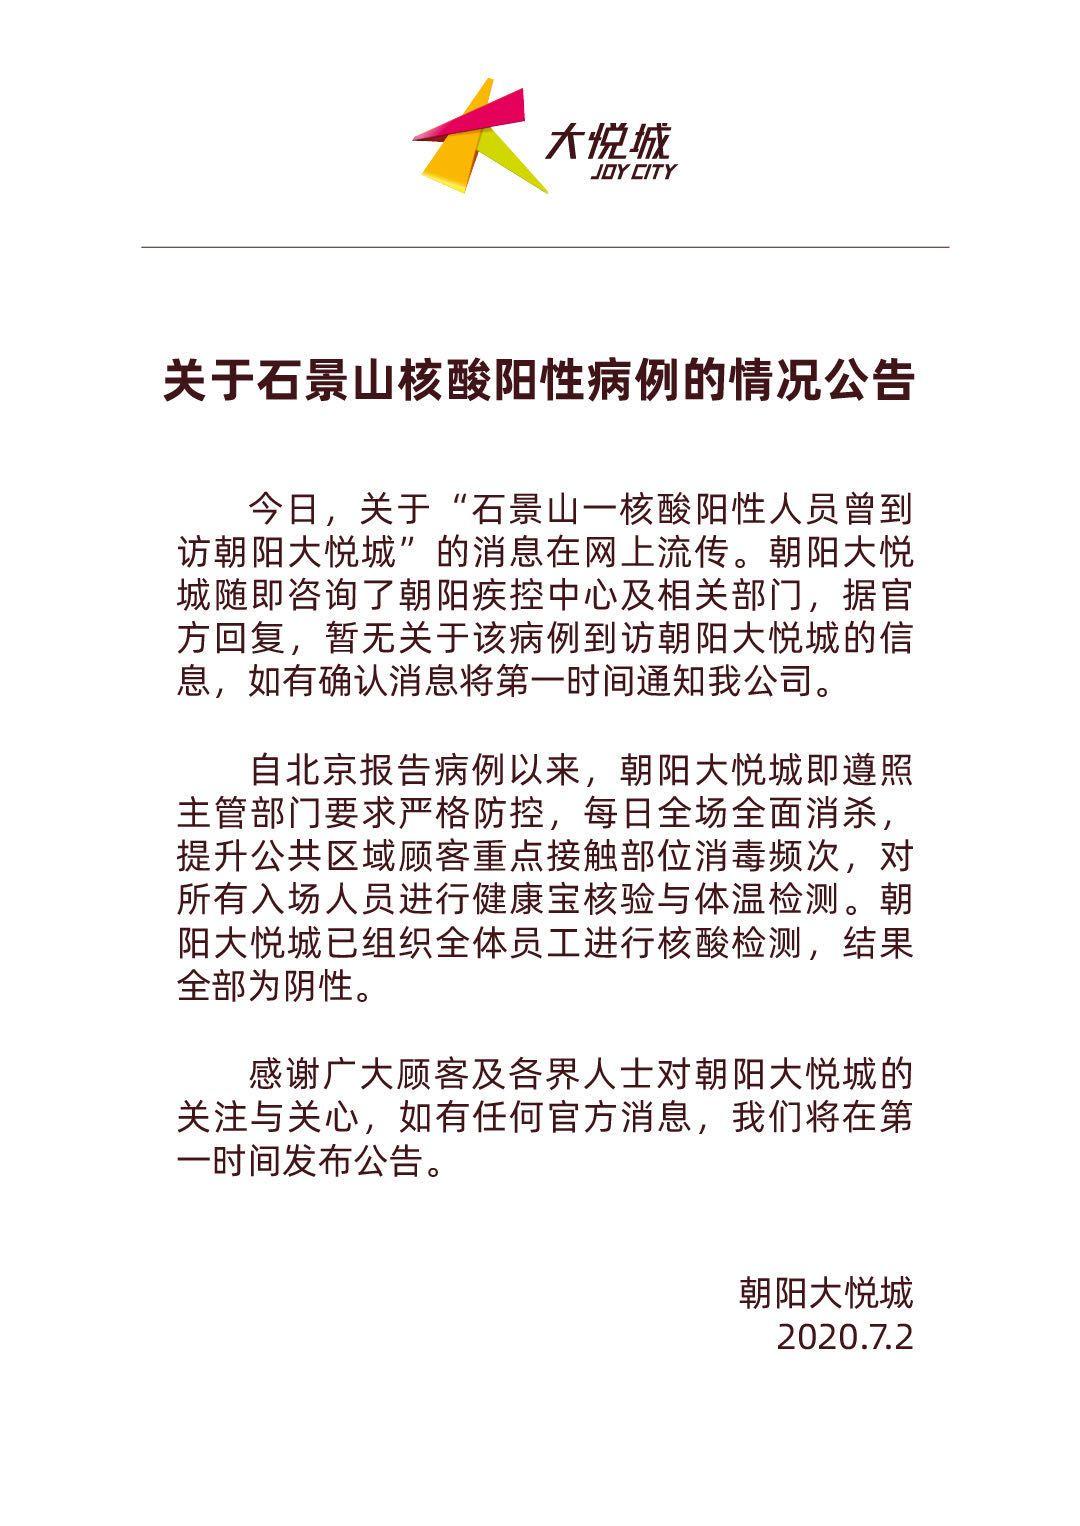 「高德招商」去过北京朝高德招商阳大悦图片